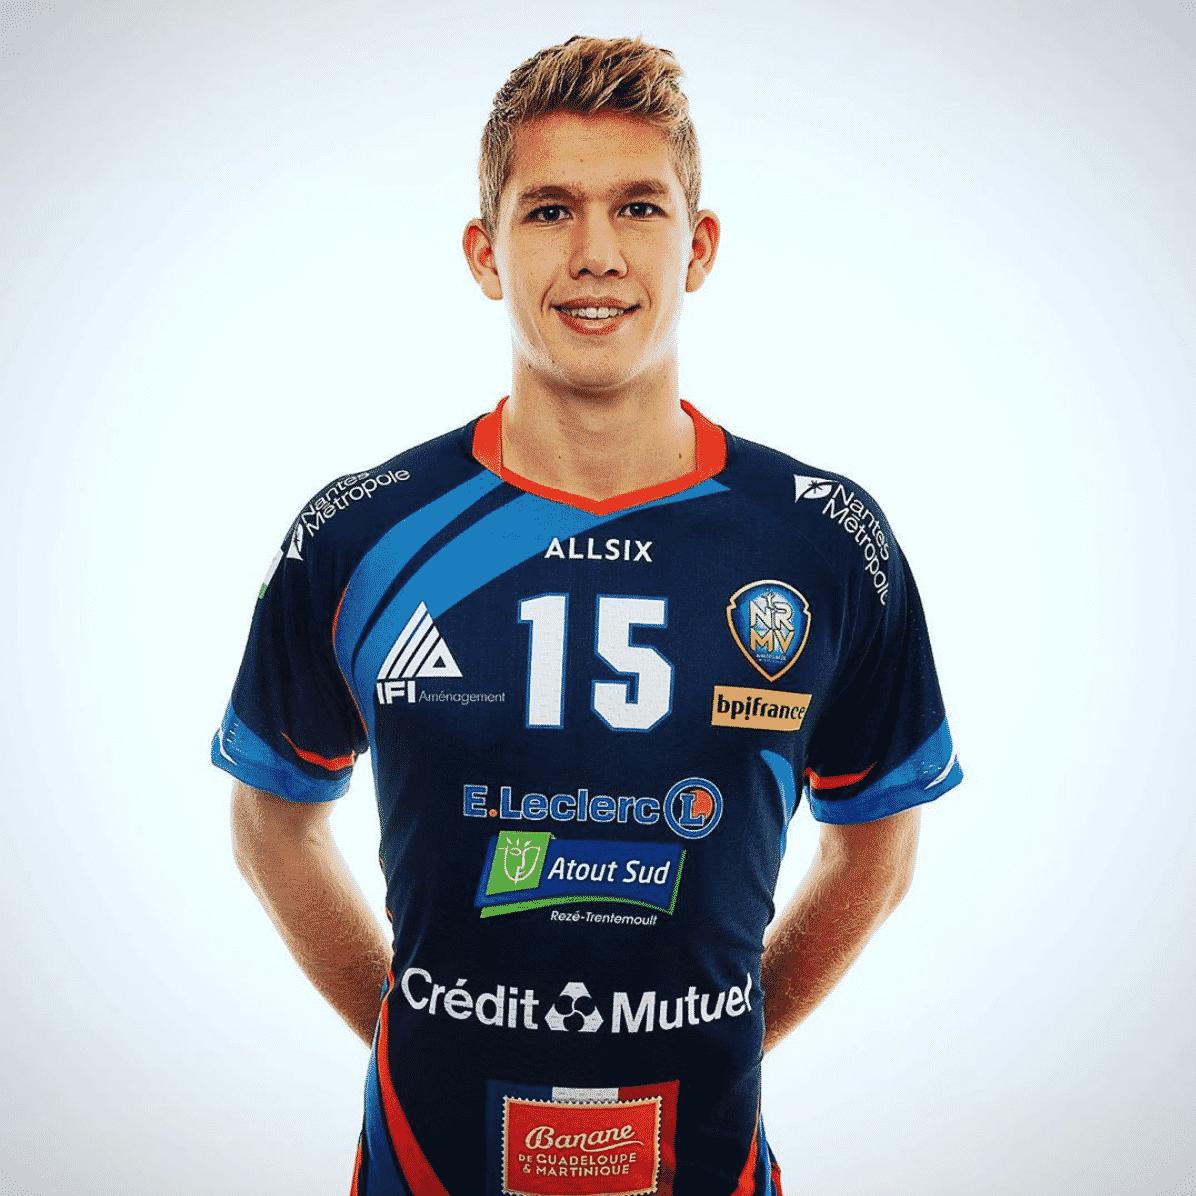 maillot-volley-LAM-2019-2020-nates-rezé-allsix-1